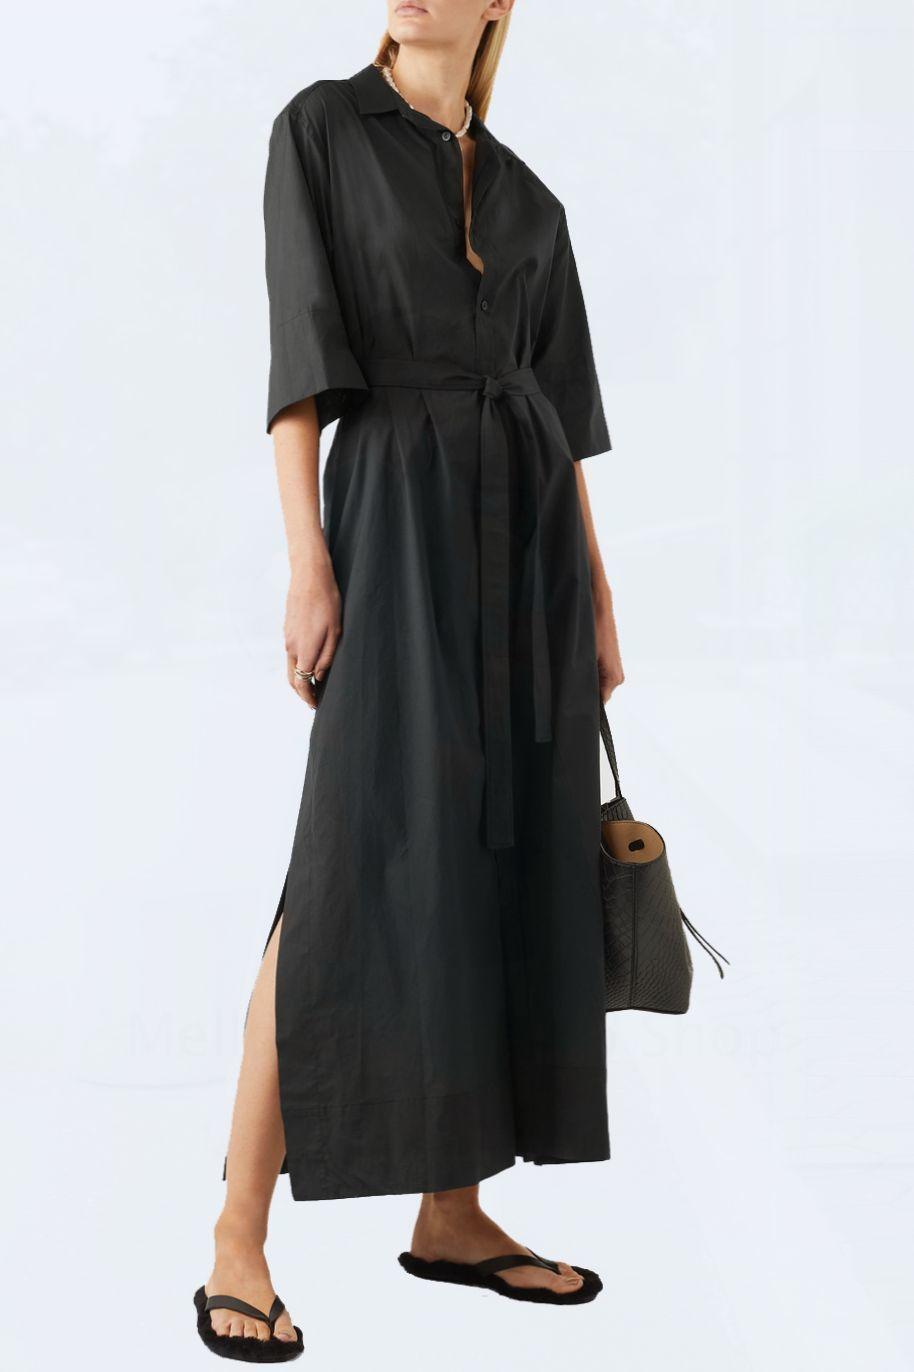 Черное вечернее платье. Подойдет на работу, и на вечернее событие, Платья, Оренбург,  Фото №1